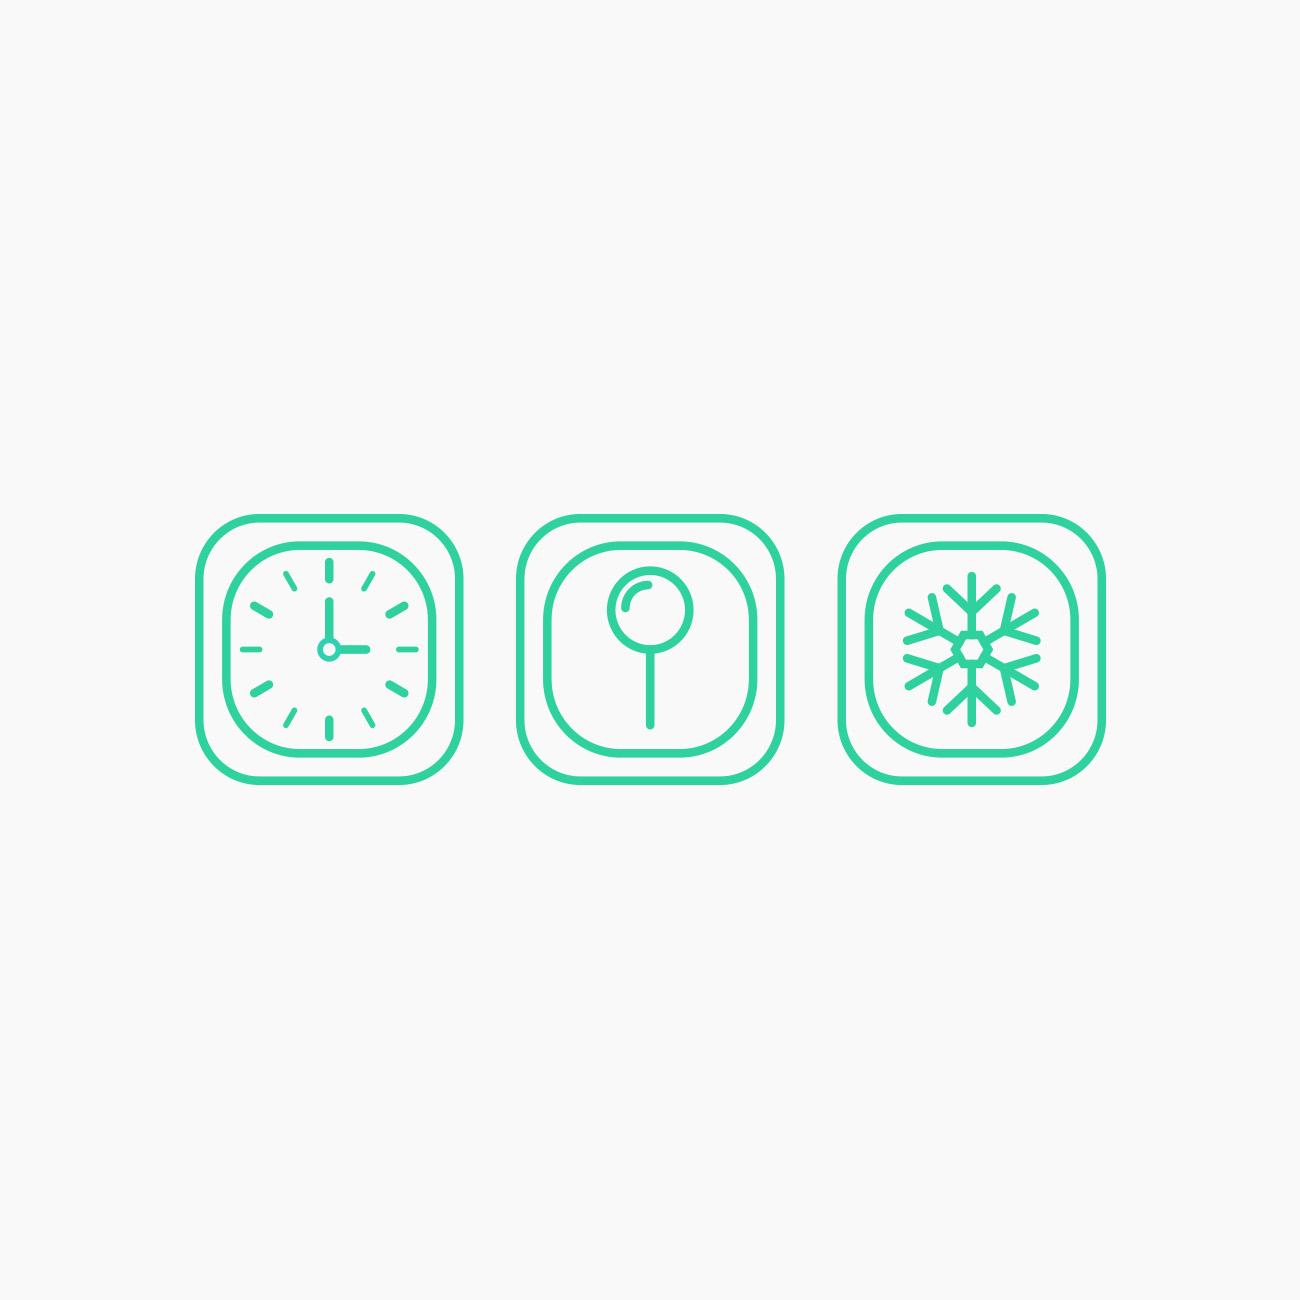 icons_1300